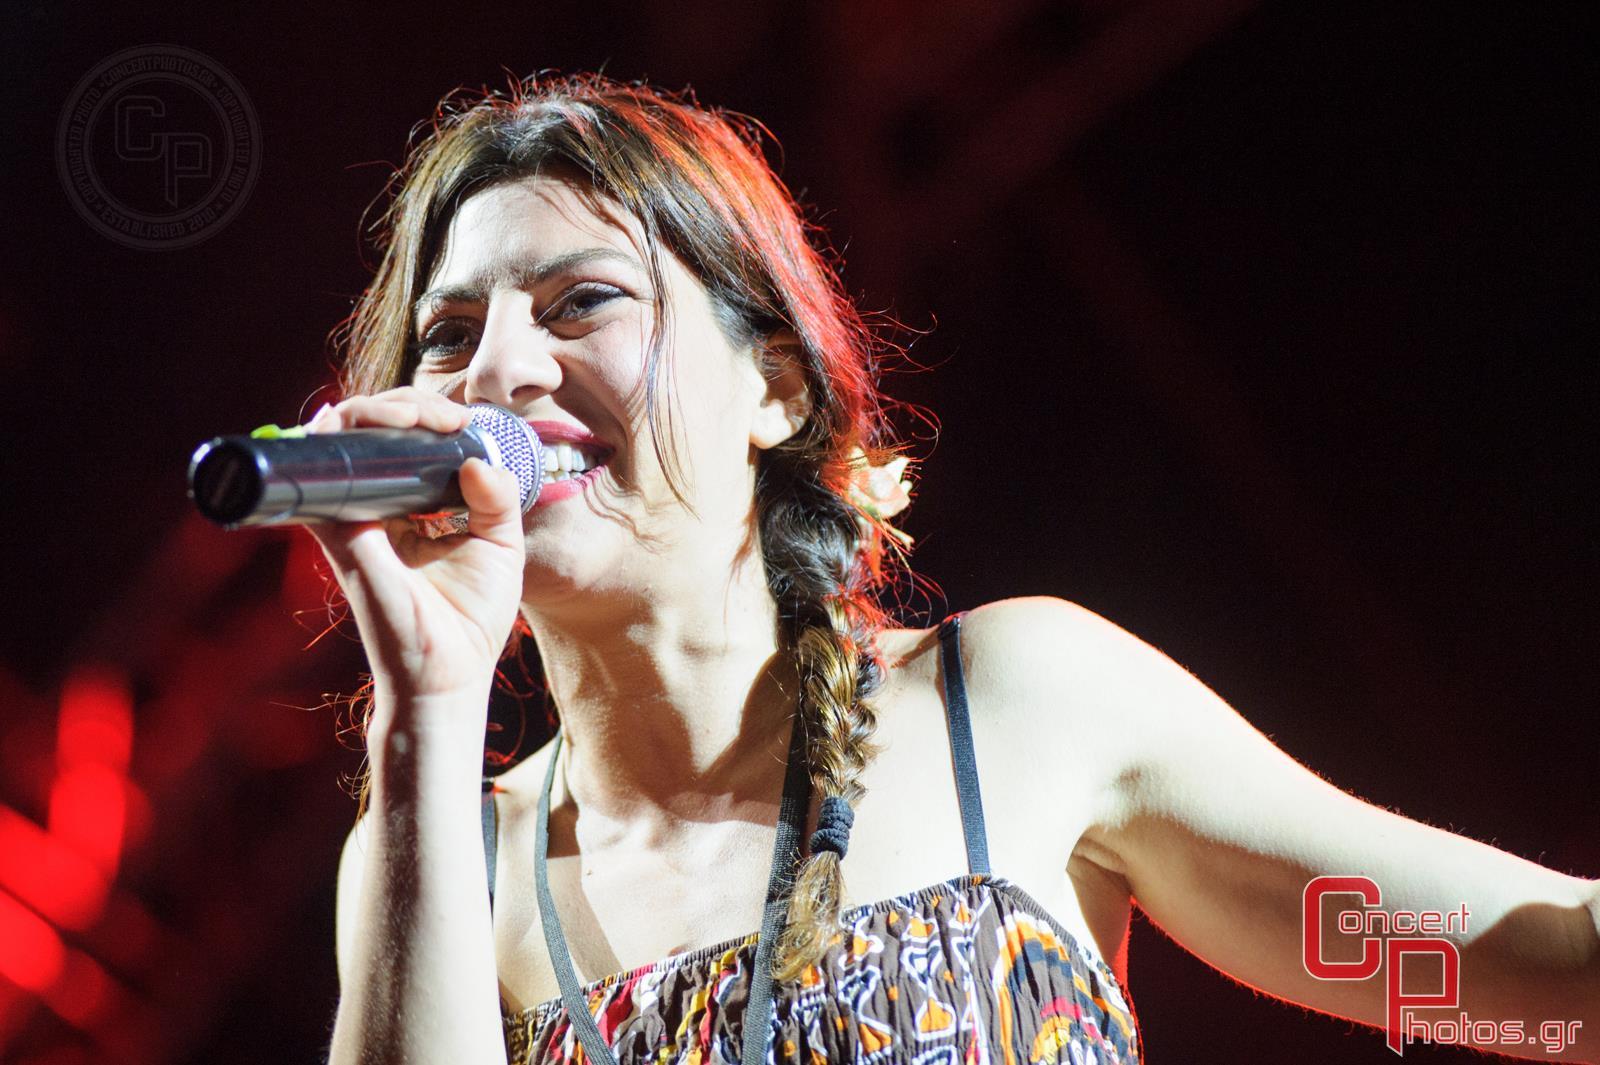 Μία συναυλία για τη Σχεδία 2014-Sxedia 2014 photographer:  - concertphotos_20140526_22_50_27